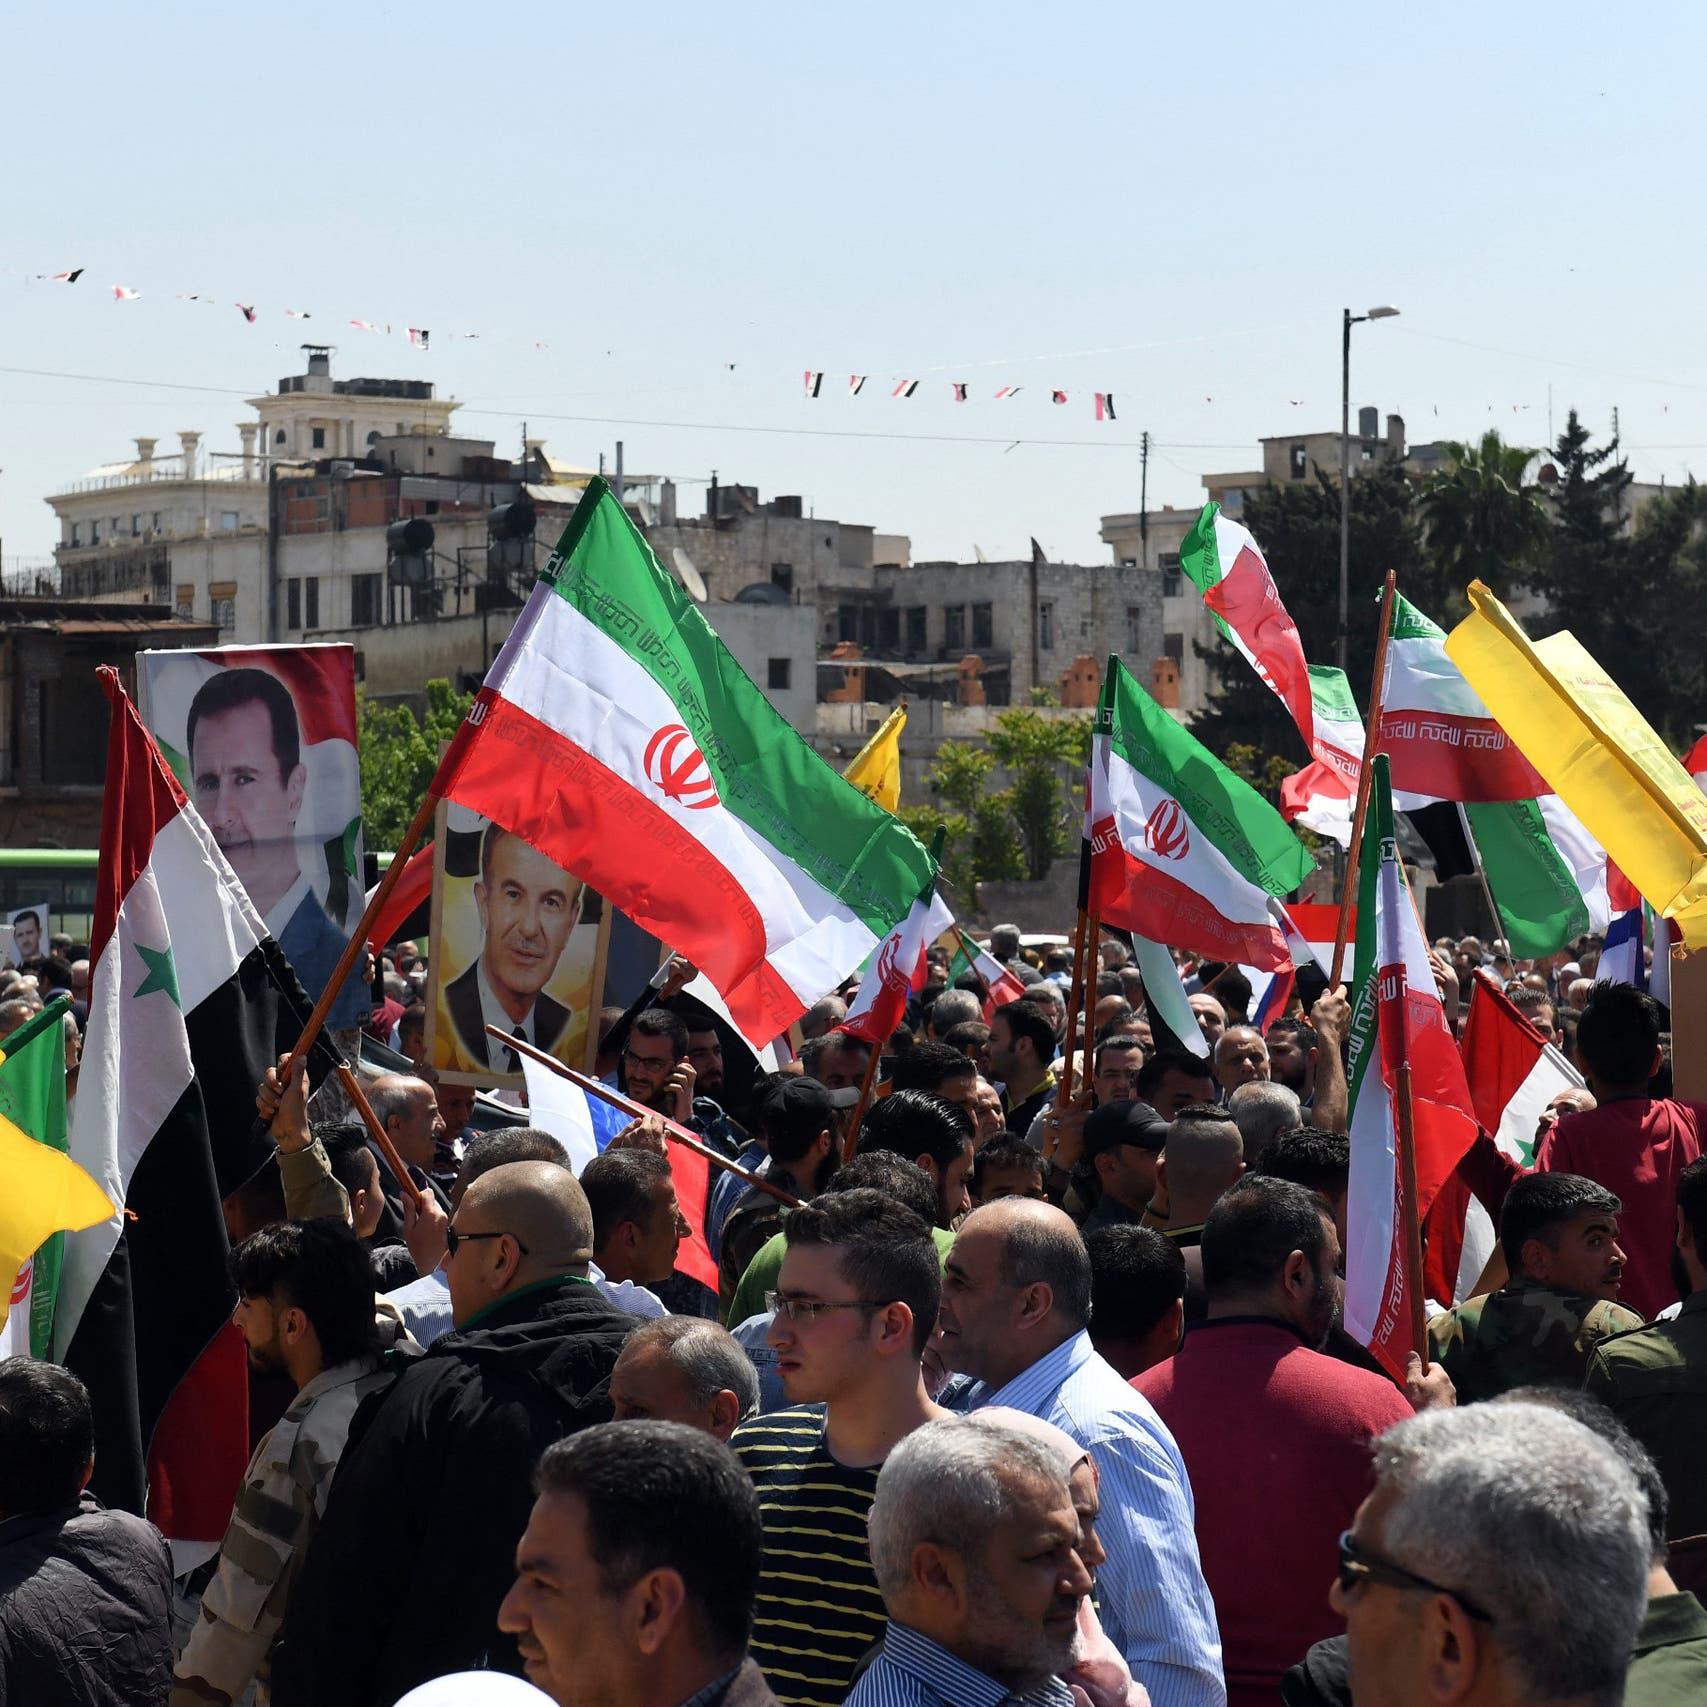 إيران تجنّد في حلب.. وتغري الشباب بتسوية أوضاعهم مع النظام